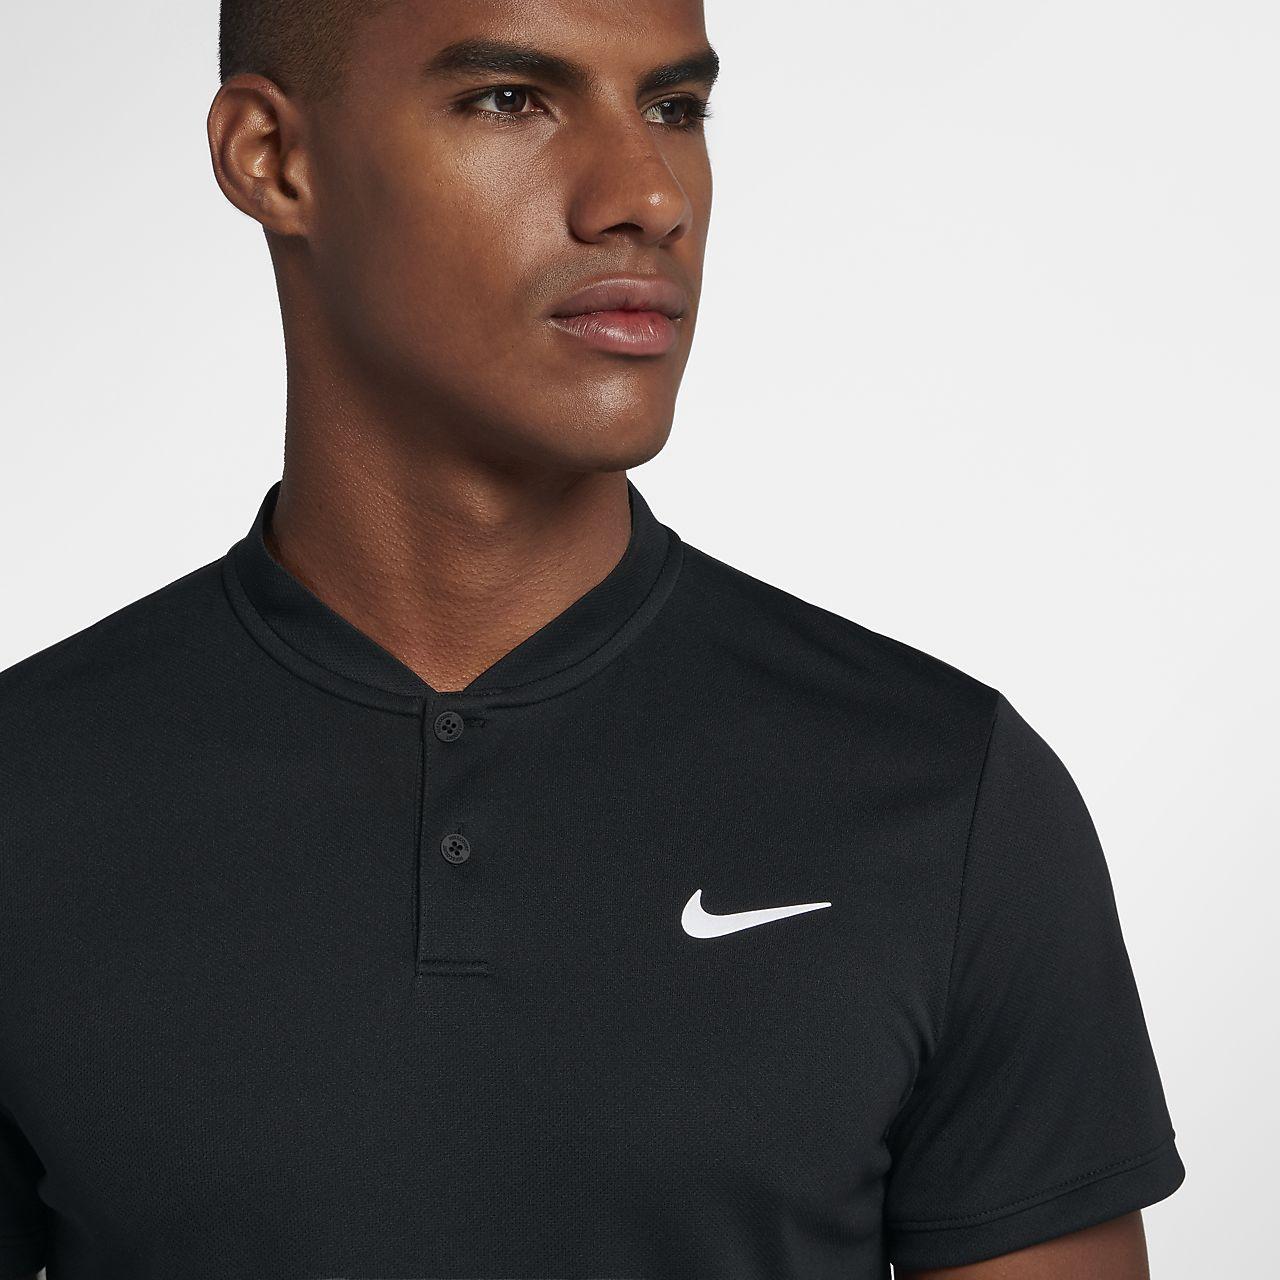 540fc534b2 NikeCourt Dri-FIT férfi teniszpóló. Nike.com HU